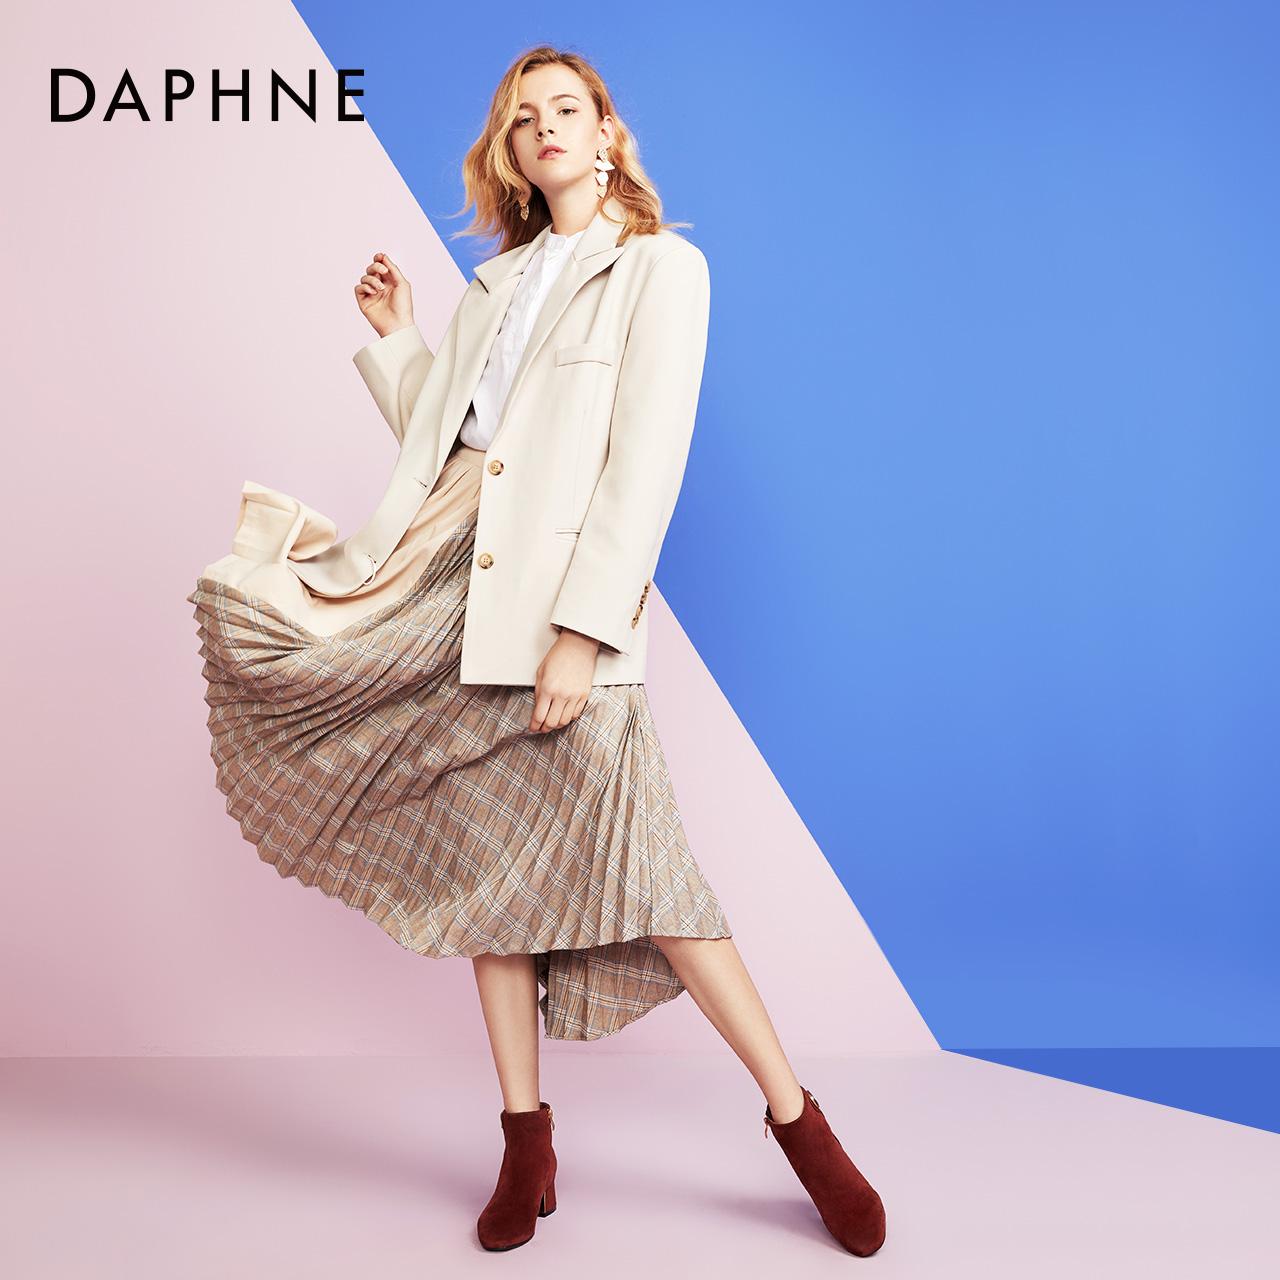 冬踝靴女方头粗跟时装靴绒面饰扣侧拉链短靴 2019 达芙妮 Daphne